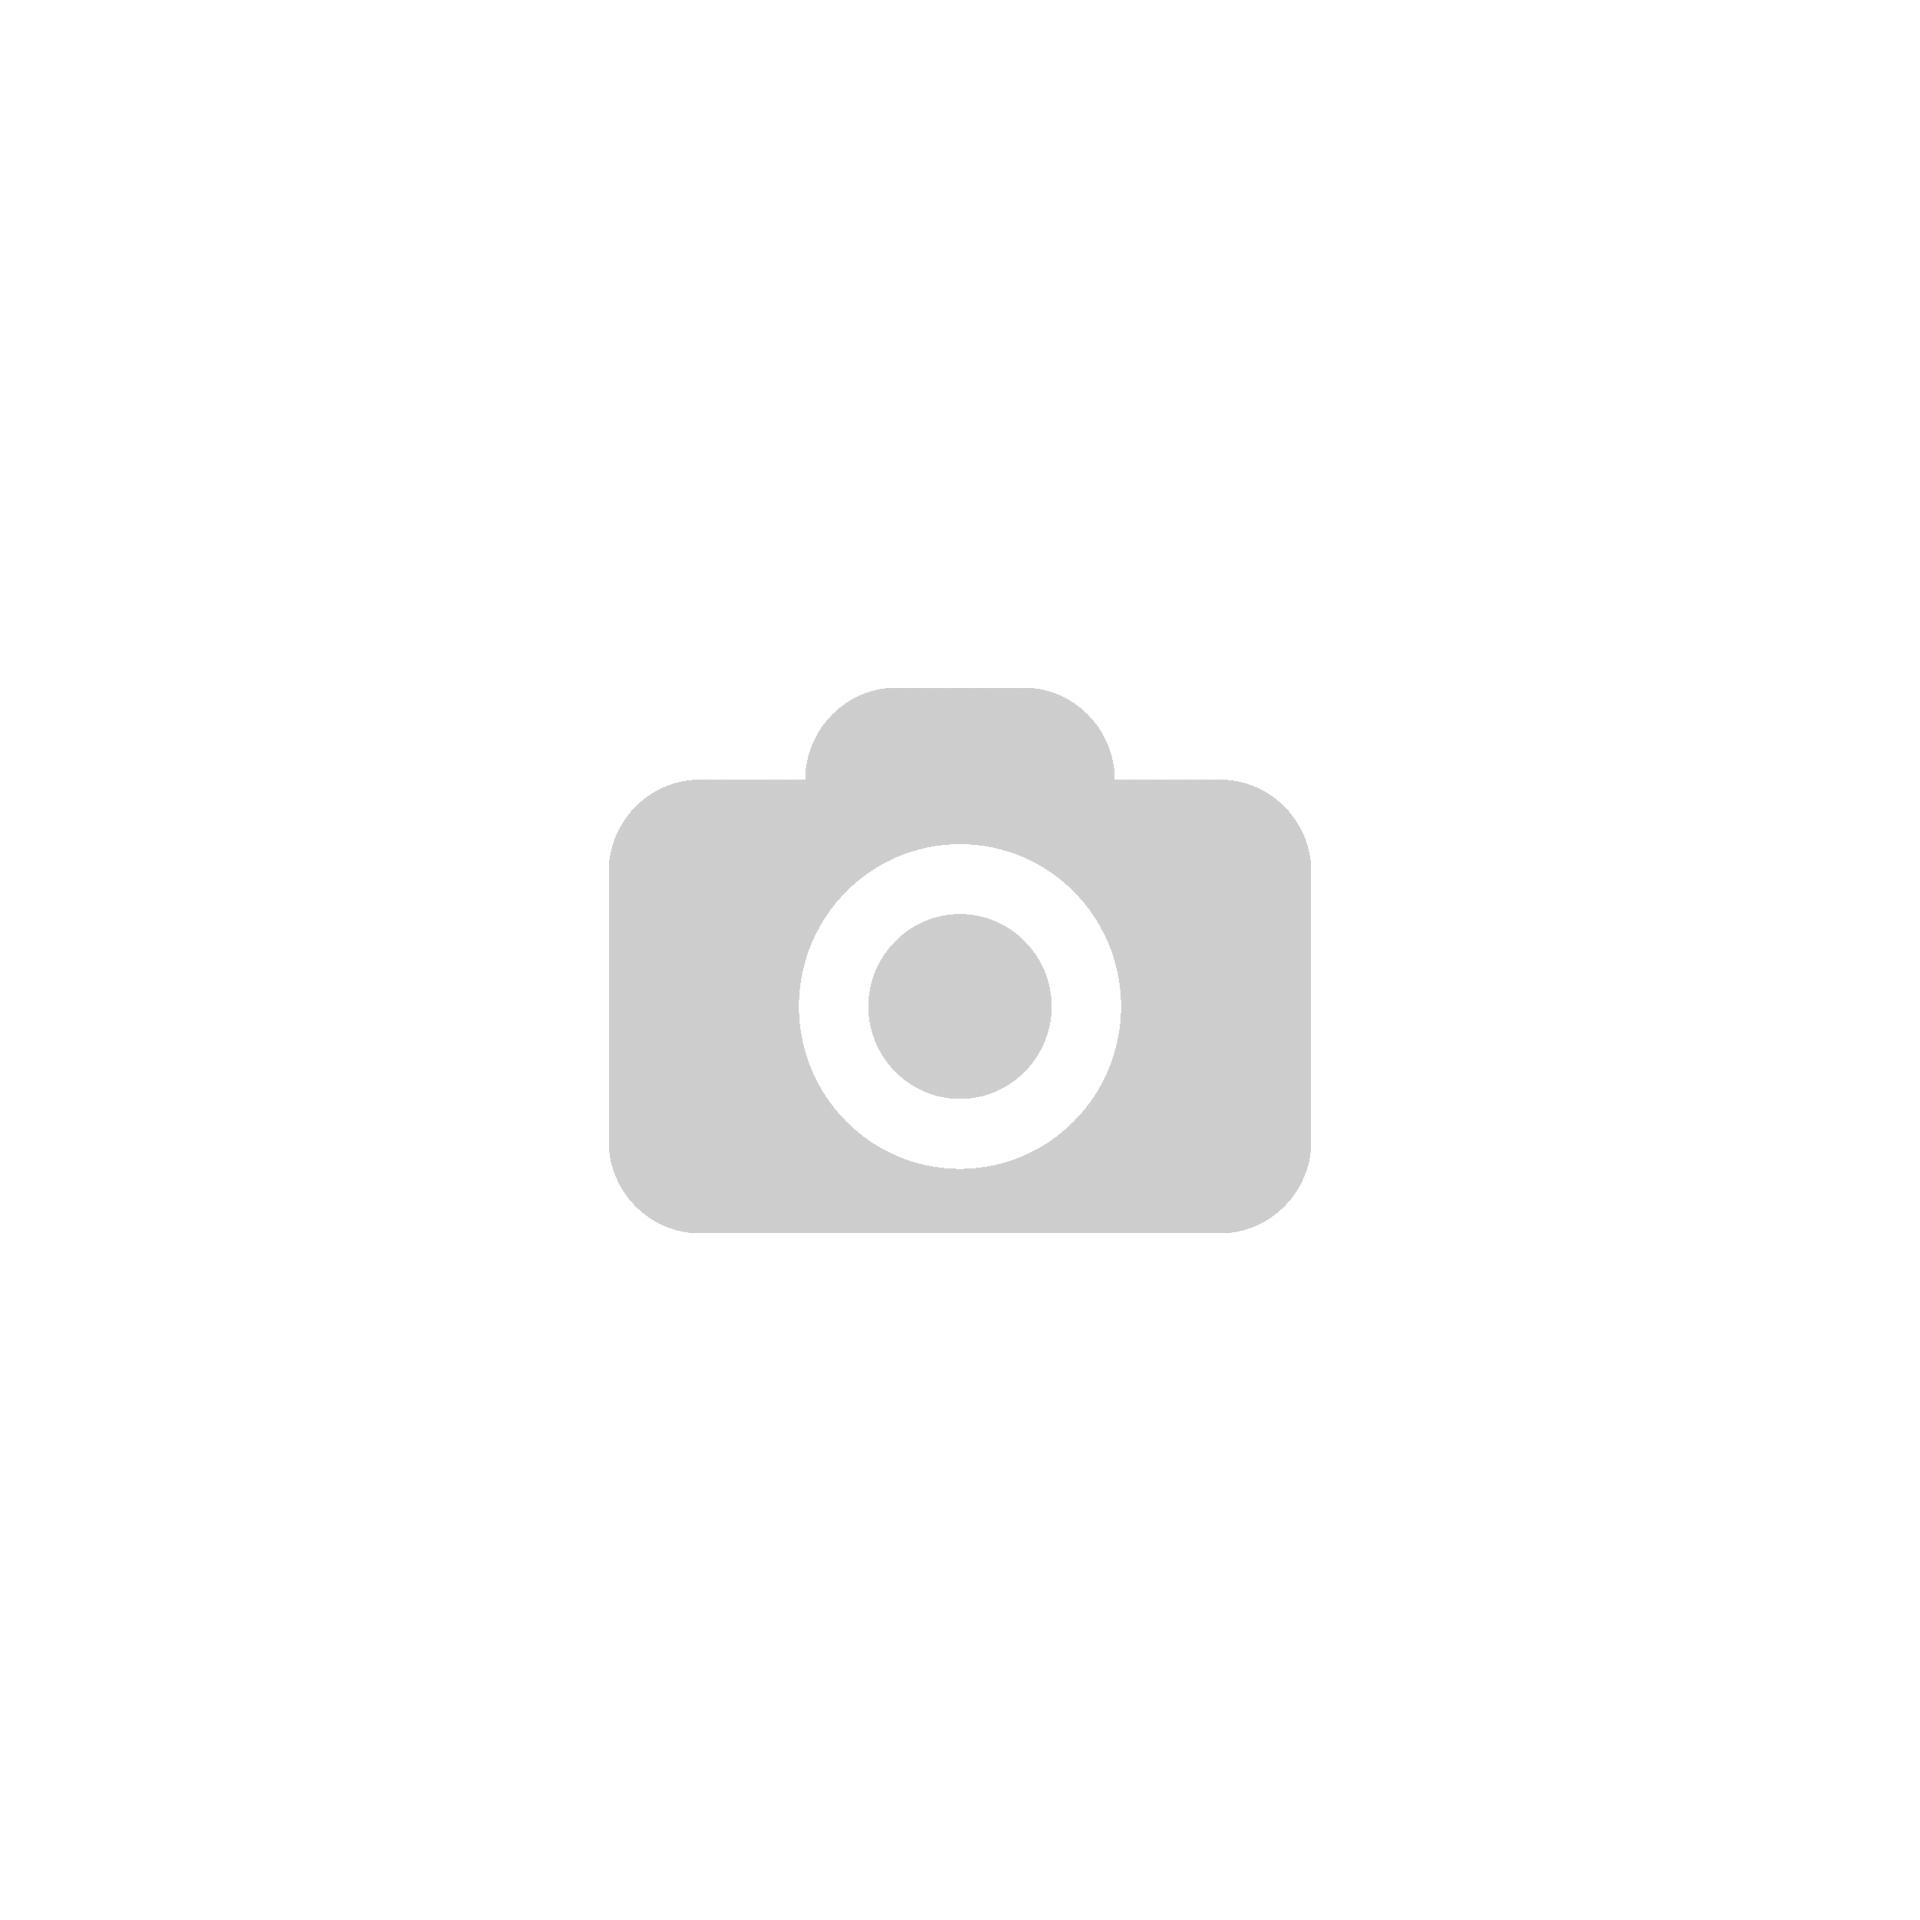 KRAUSE MONTO Solidy egy oldalon járható lépcsőfokos állólétra, 7 fokos